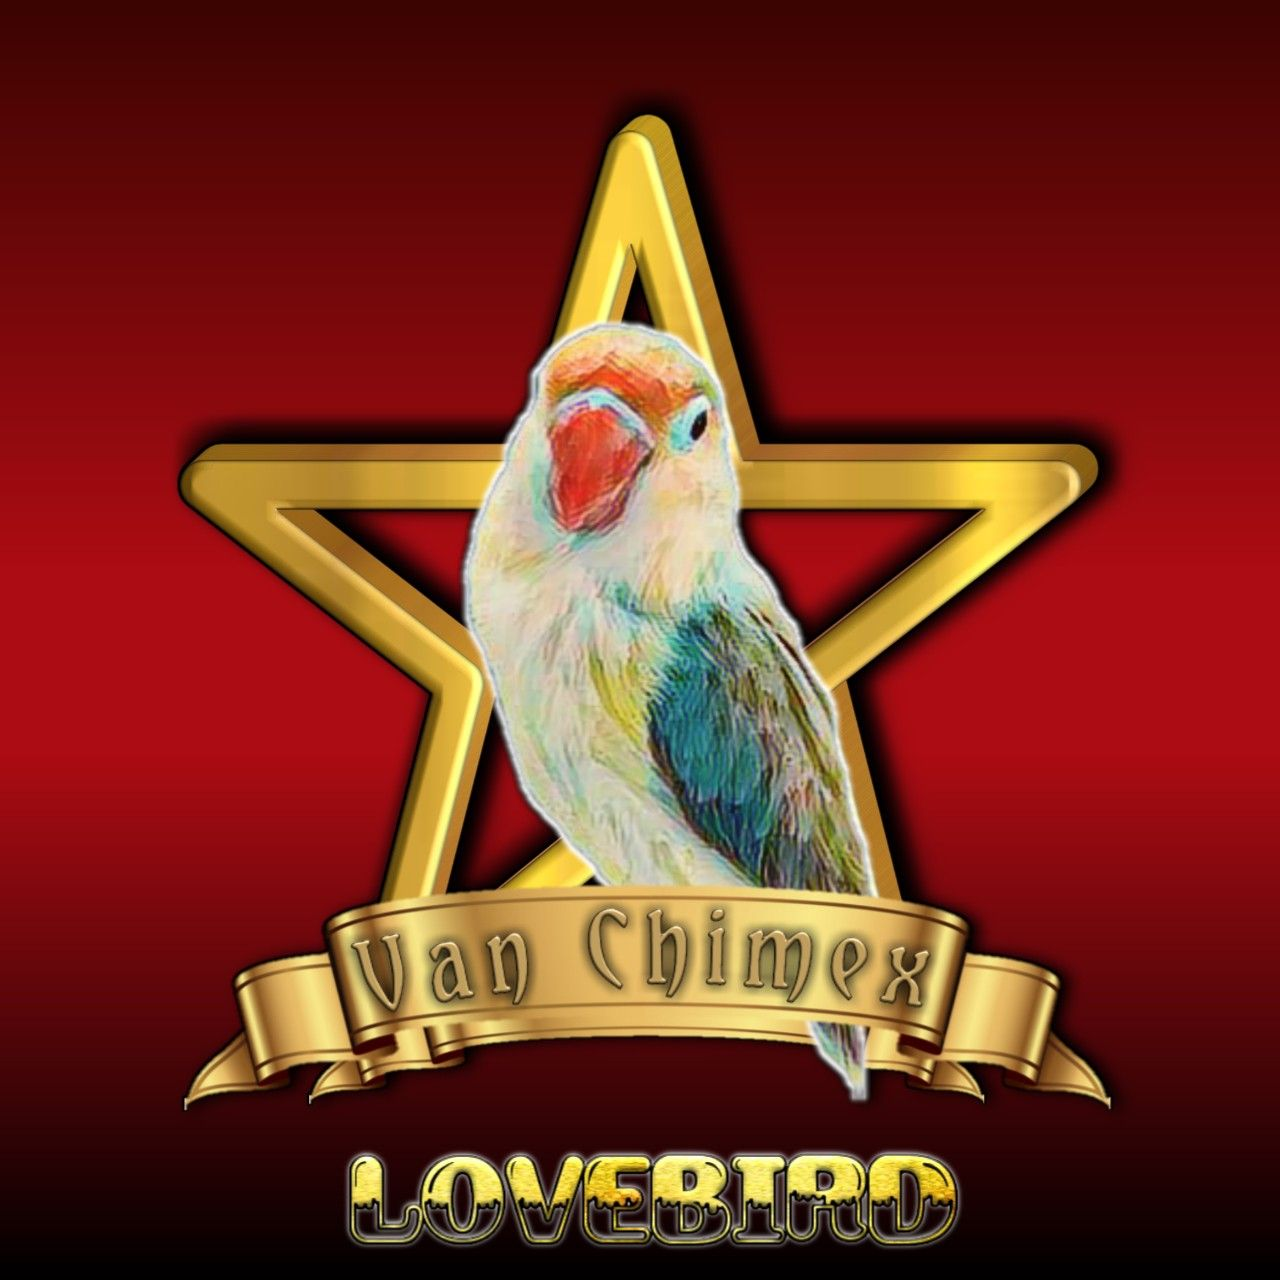 lovebird logo design lovebird,tutorial logo design